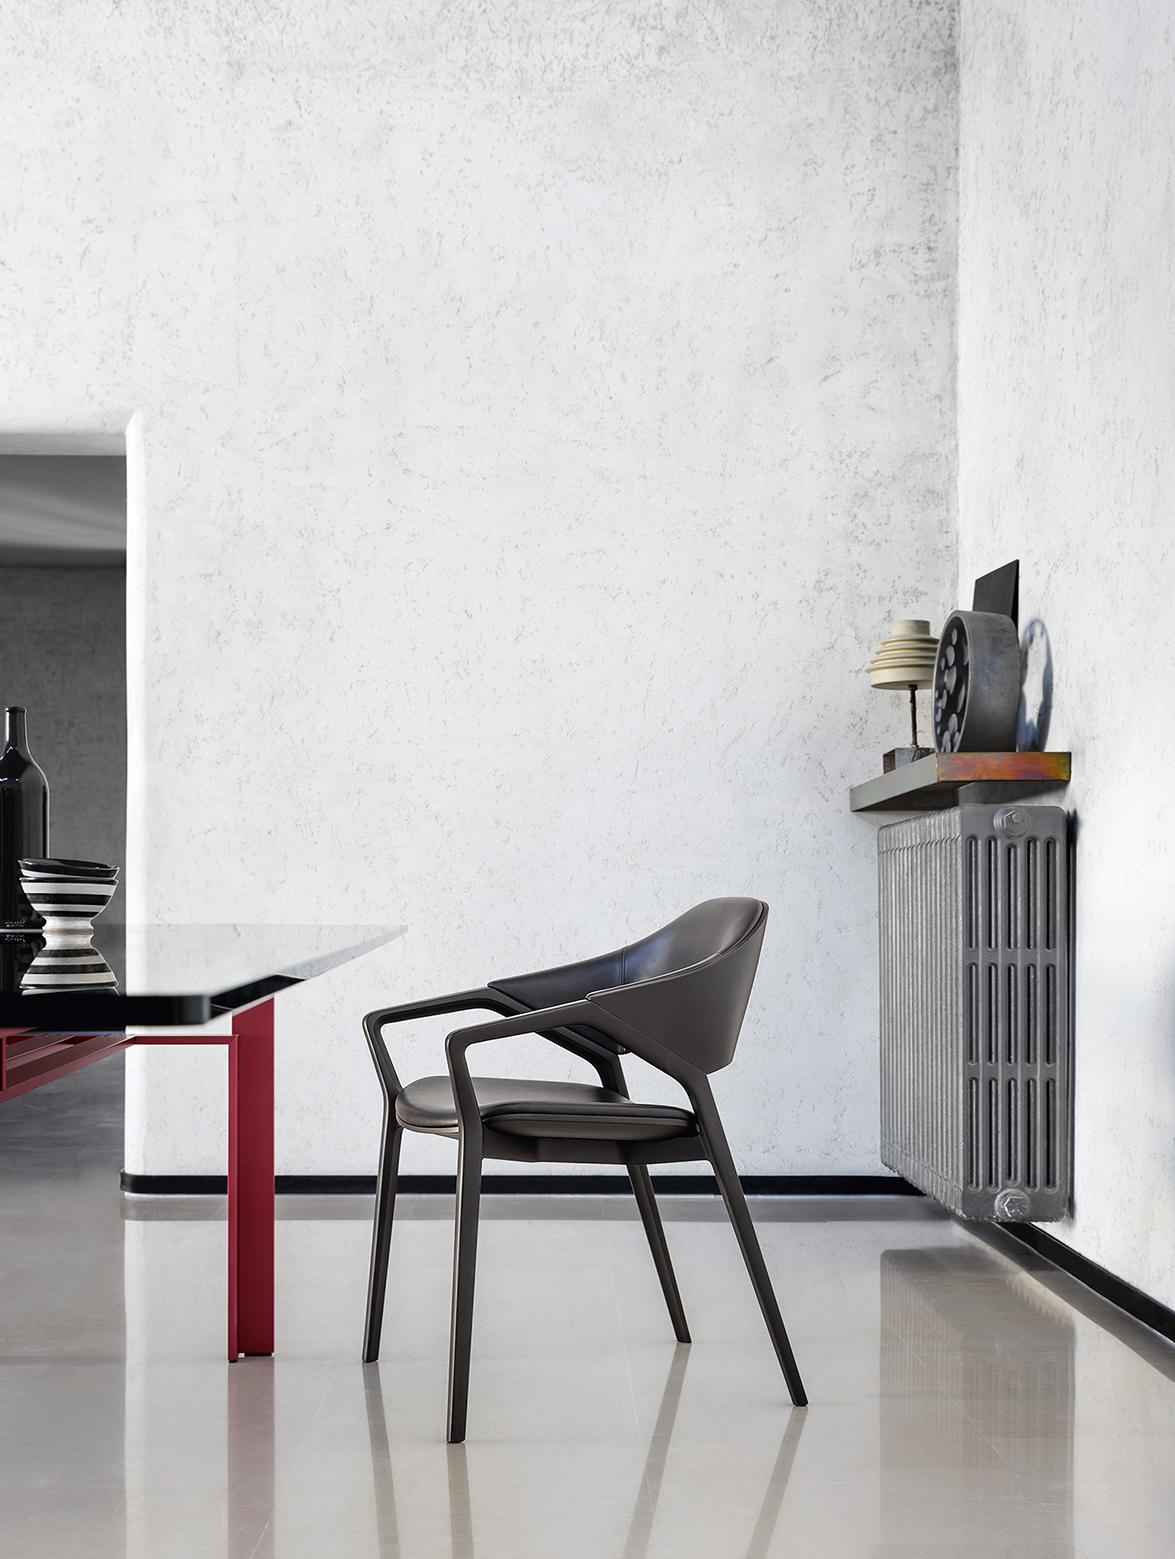 8_CASSINA_Ico chair_Ora Ito_amb